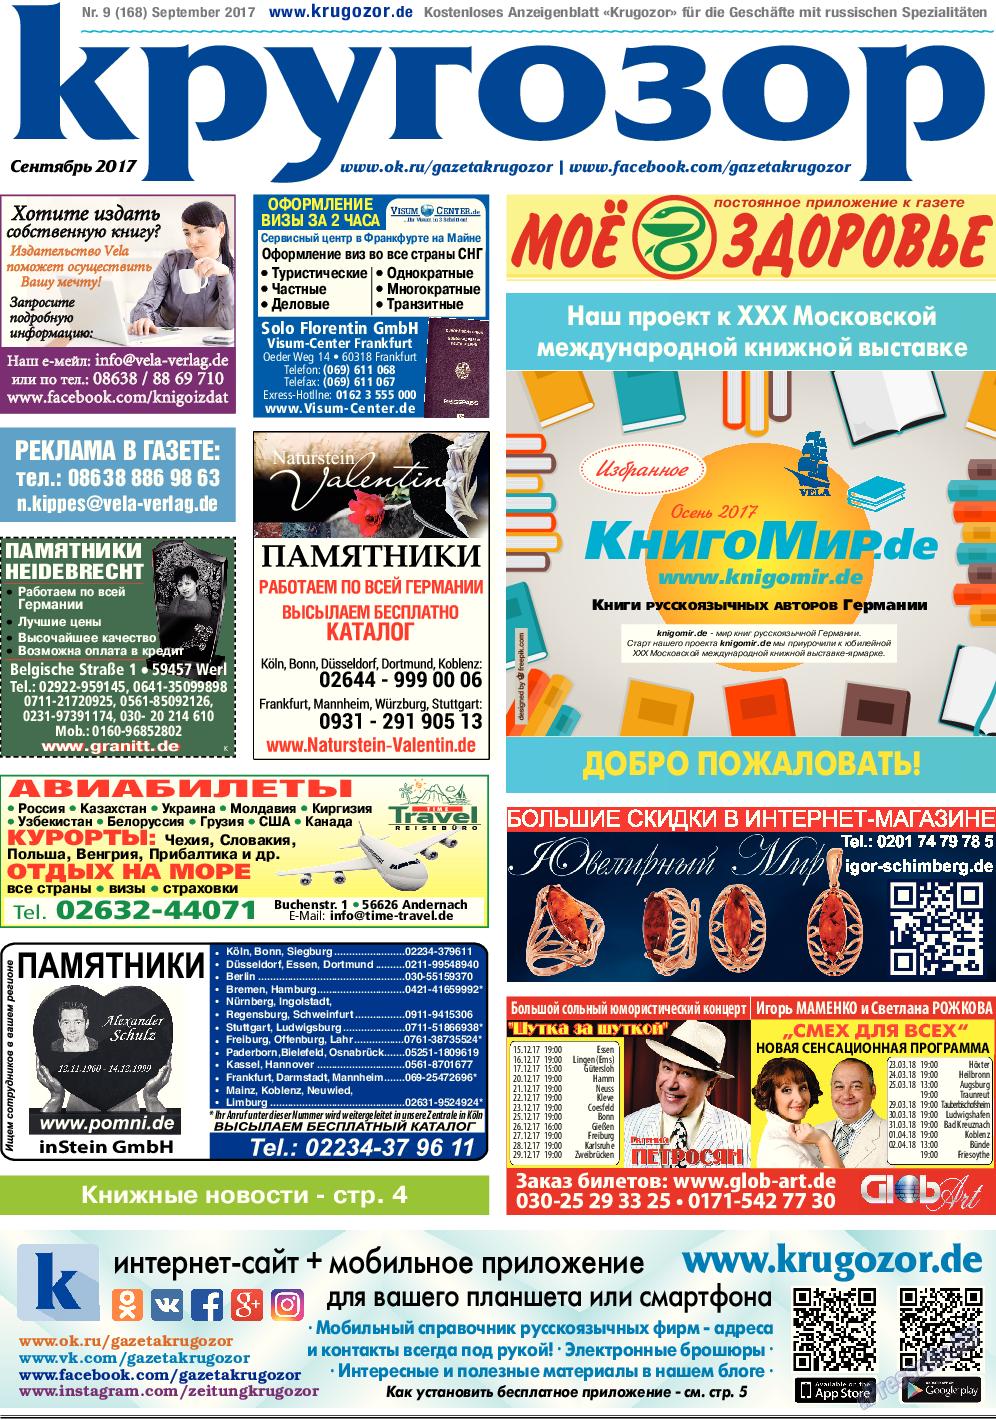 Кругозор (газета). 2017 год, номер 9, стр. 1